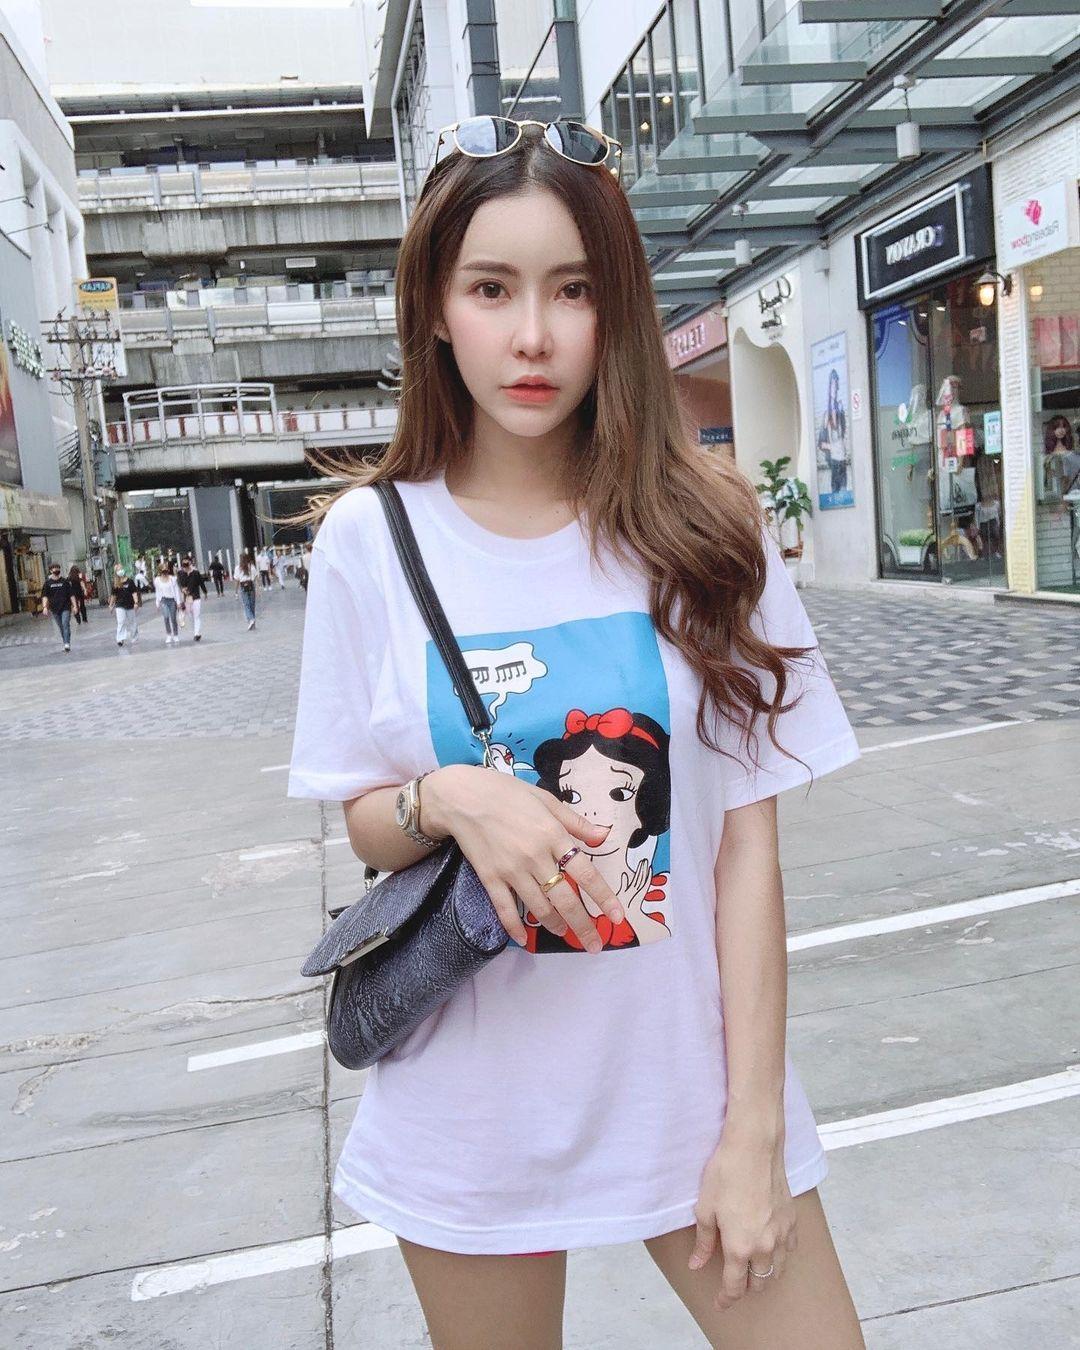 泰国的萌妹子,白皙妹《Orathai Chadum》-新图包